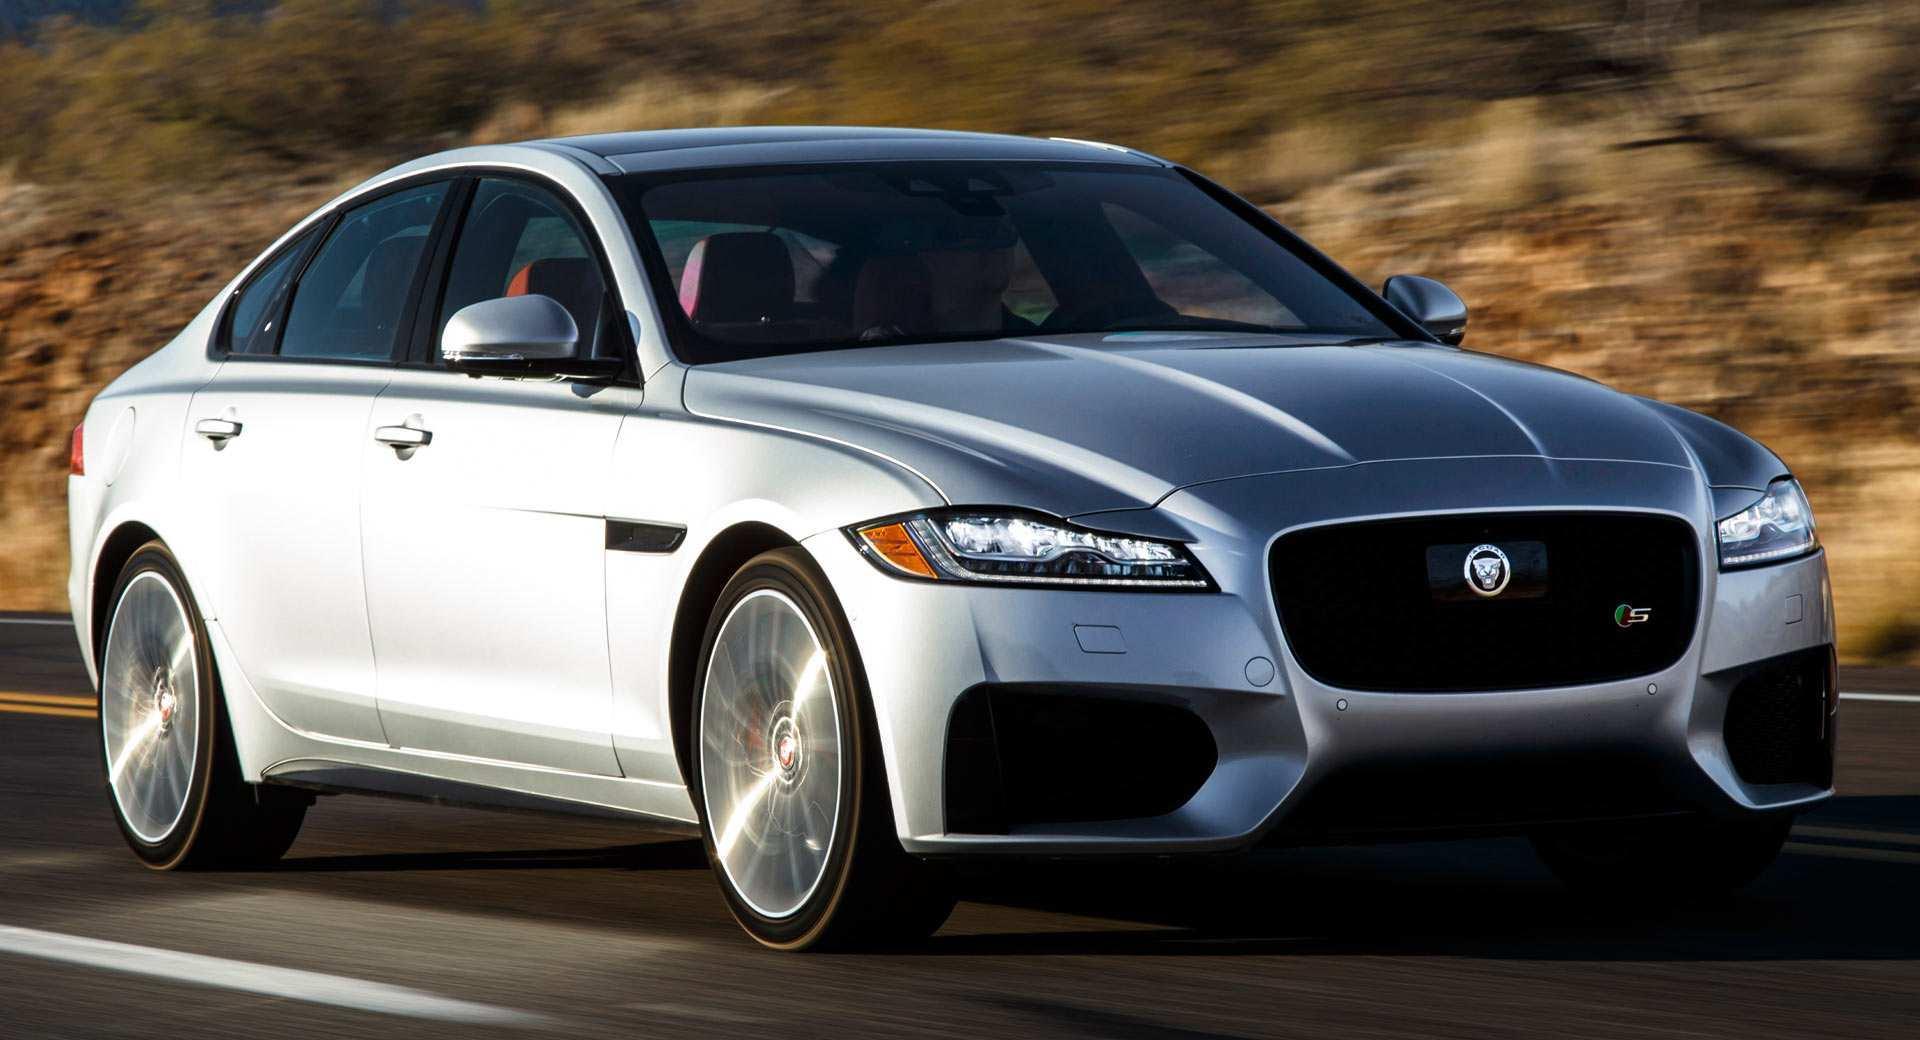 91 Best Review Jaguar Xj New Model 2020 Style by Jaguar Xj New Model 2020